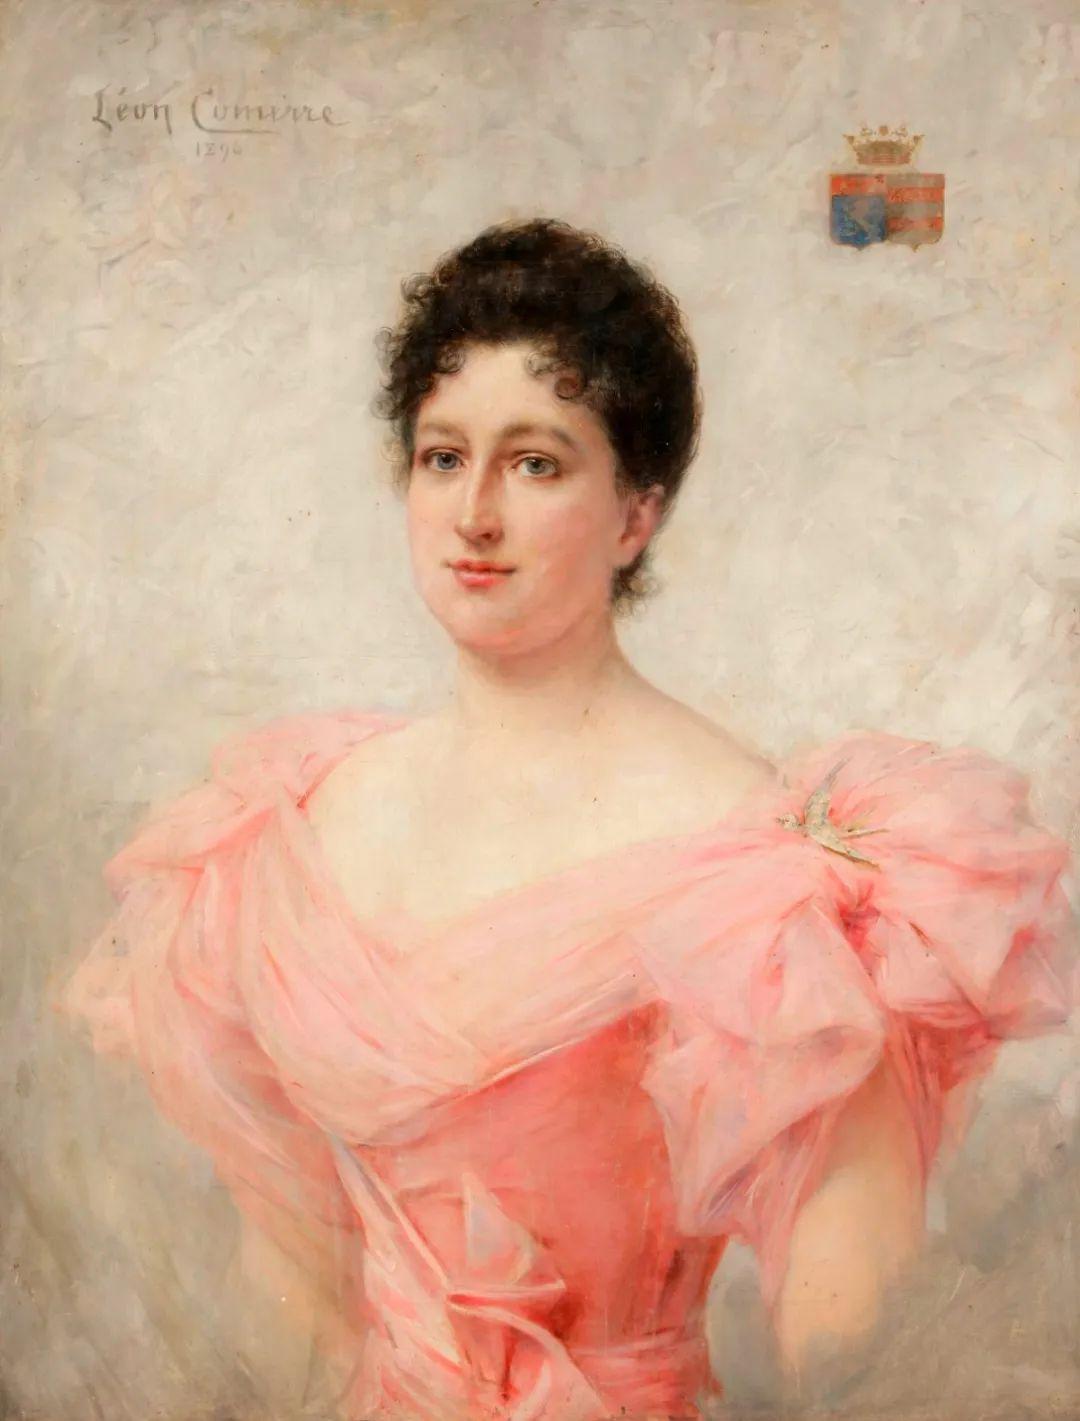 法国学院派画家科默尔,笔下的美丽女性插图15